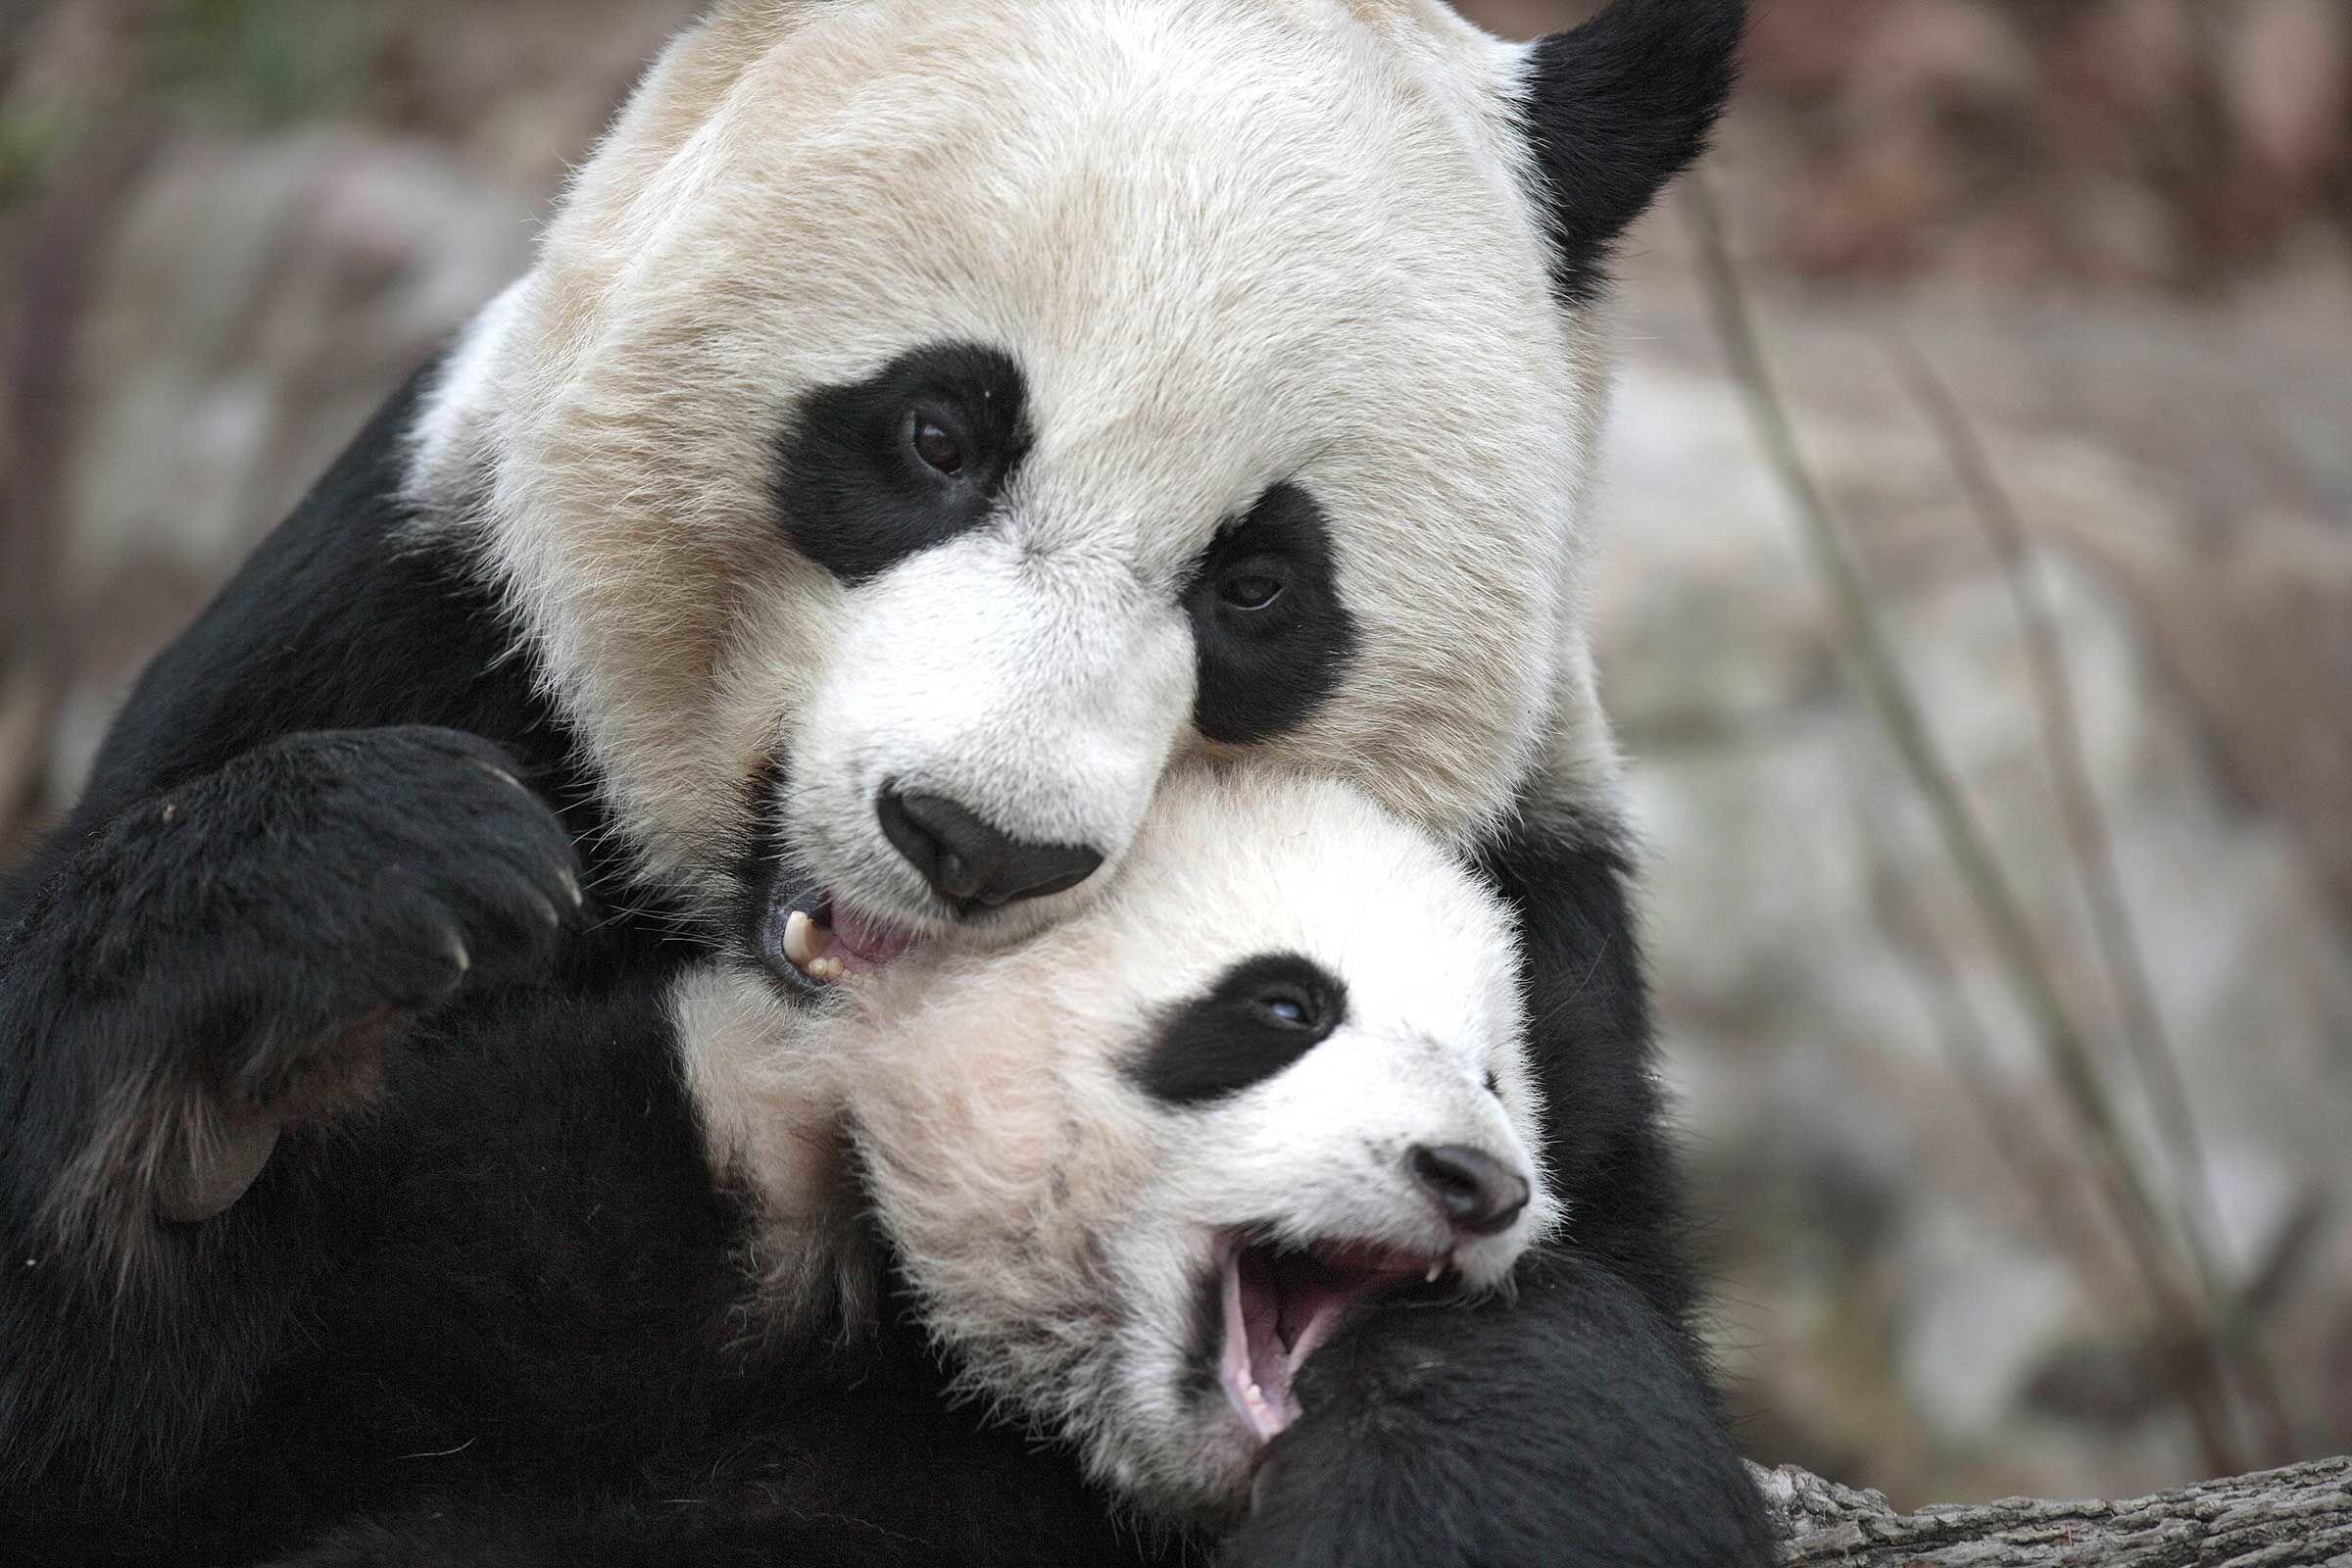 Kenapa Jumlah Panda Raksasa Sangat Sedikit? Ini 9 Penjelasan Para Ahli